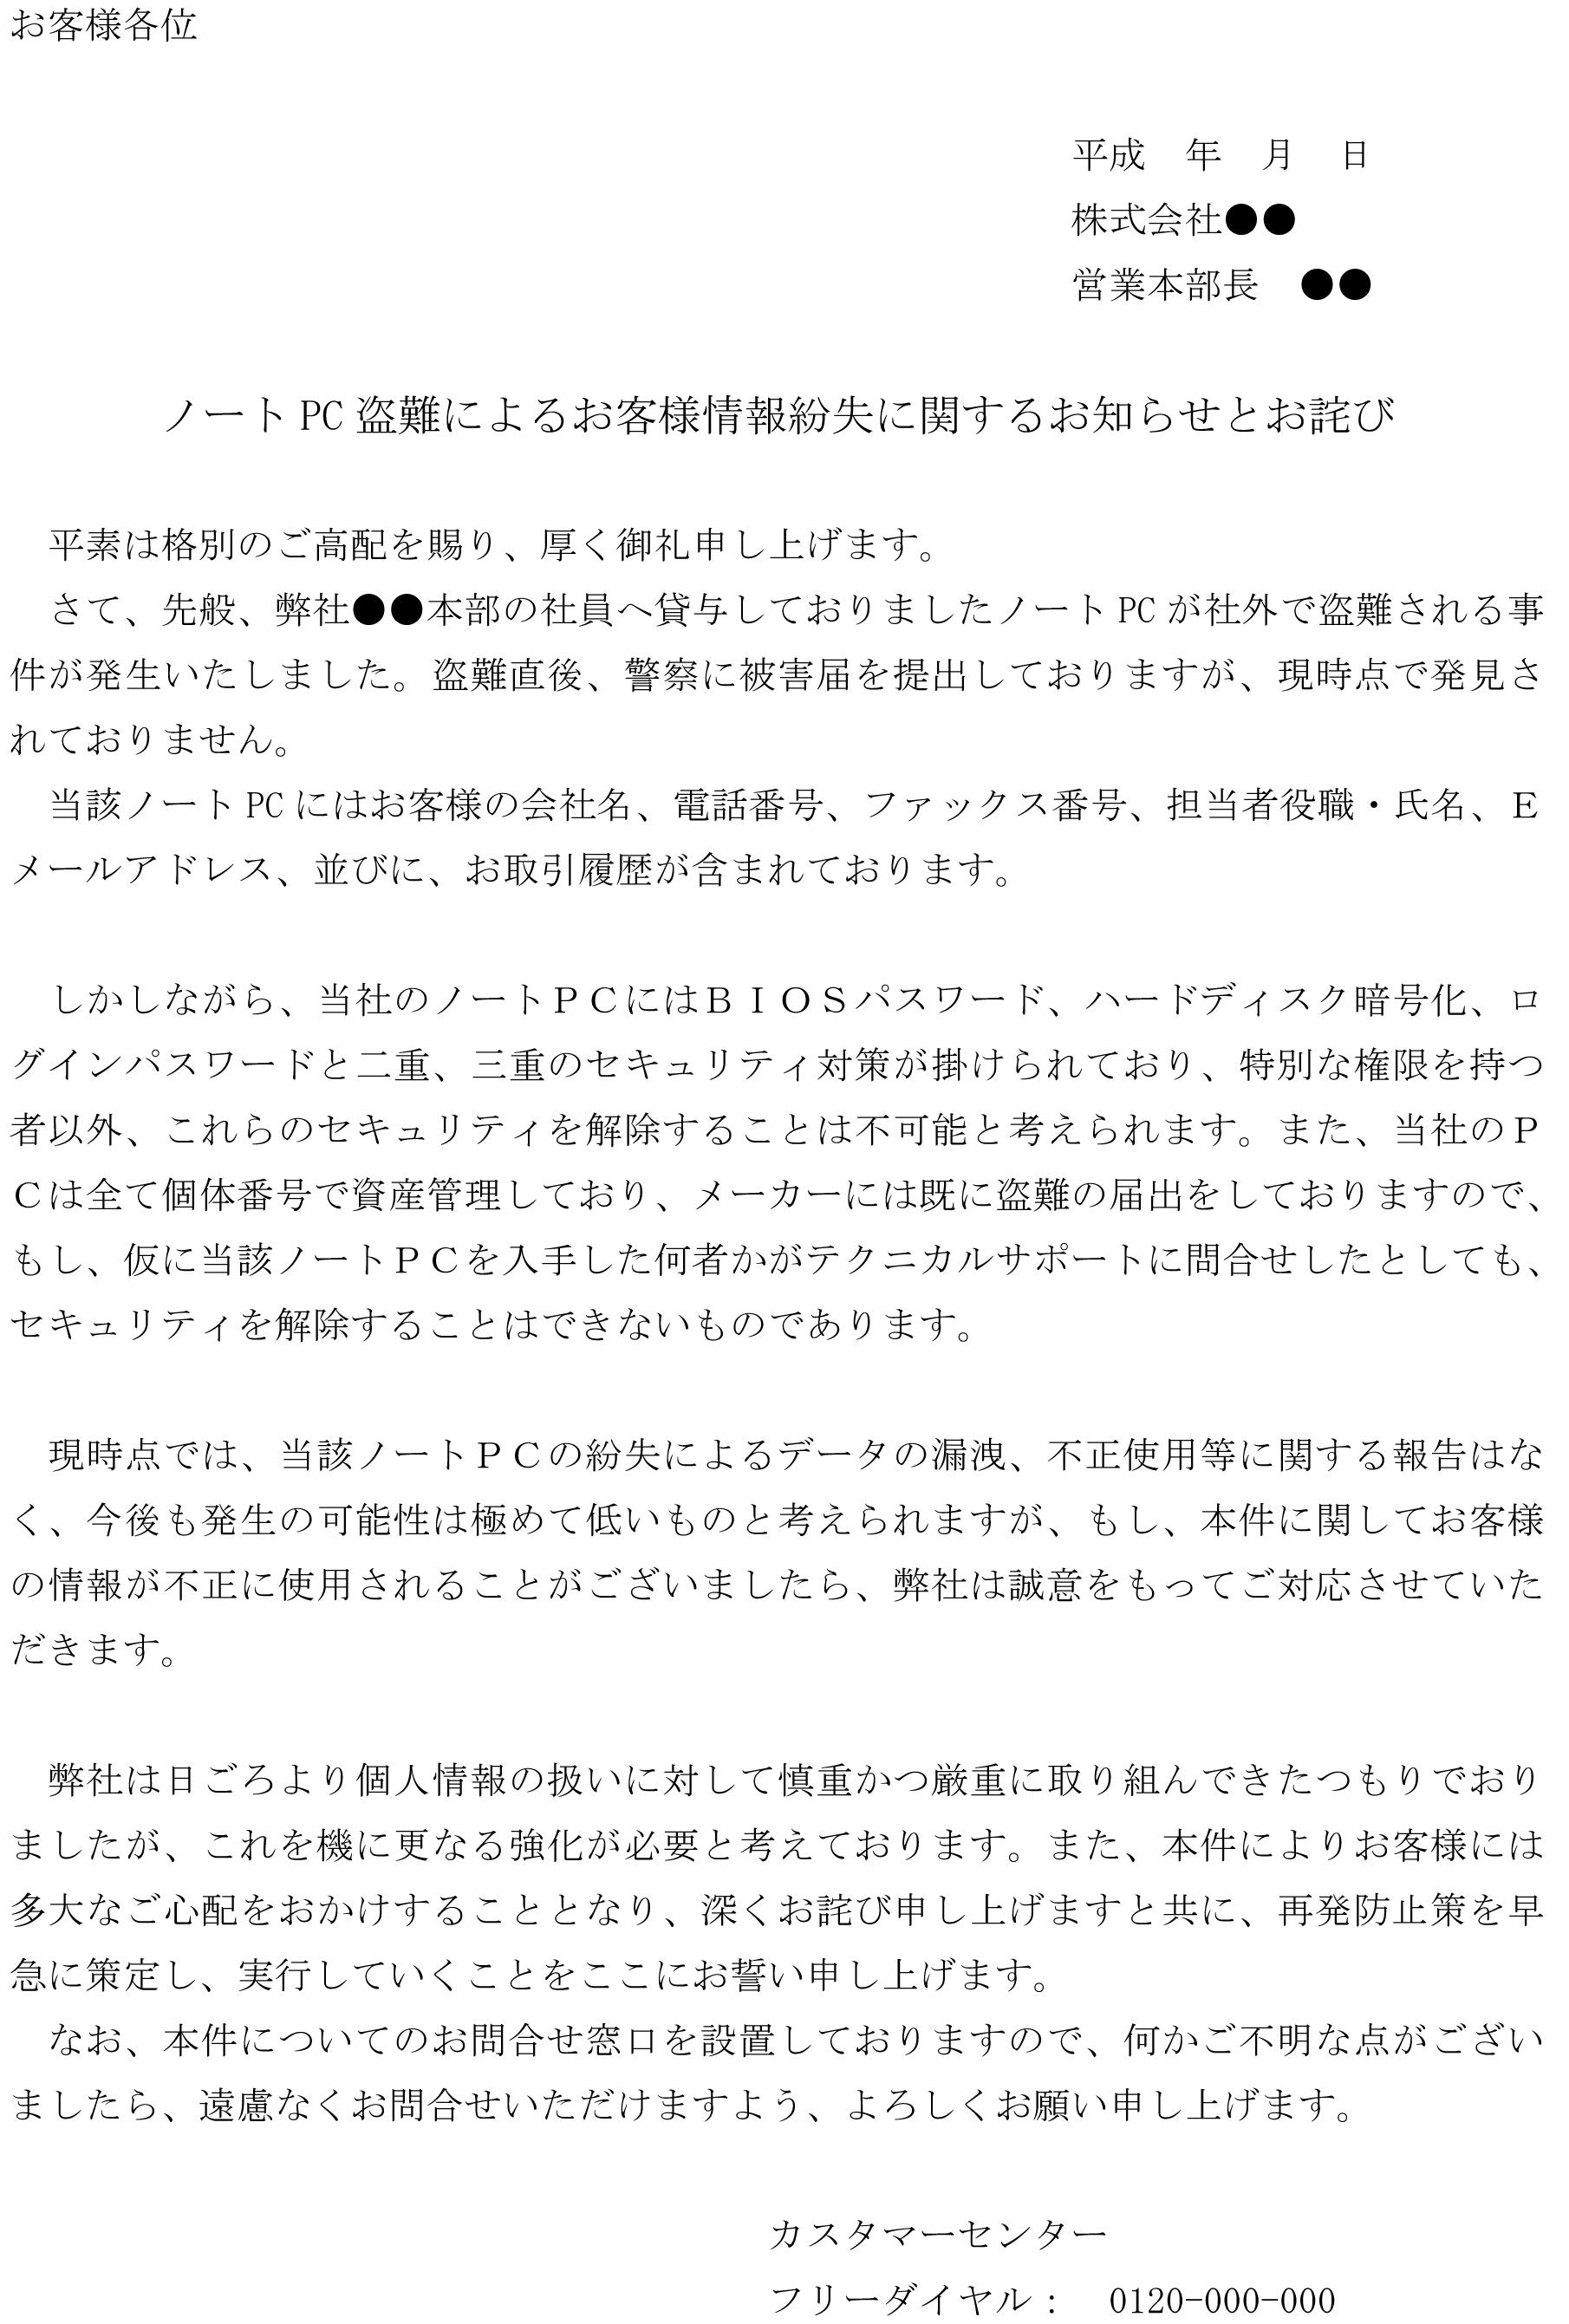 お詫び状(ノートPC紛失)